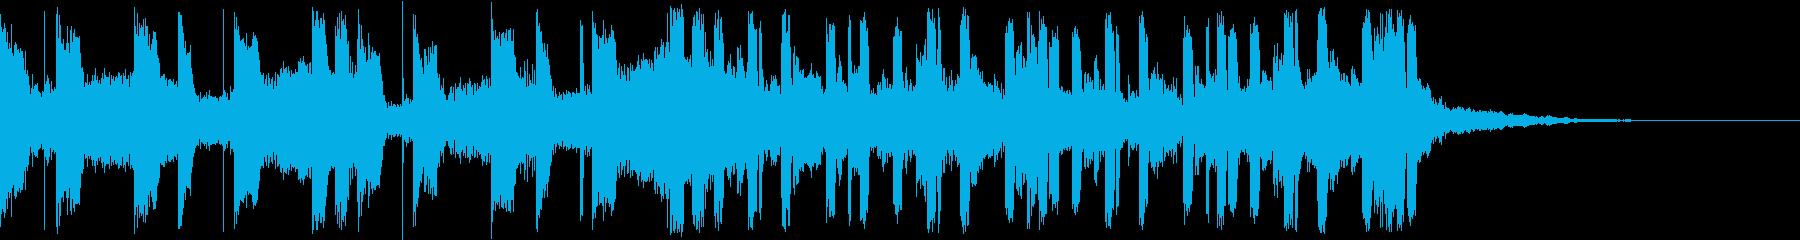 【洋楽・ヒップホップ風】切なく、美しいの再生済みの波形